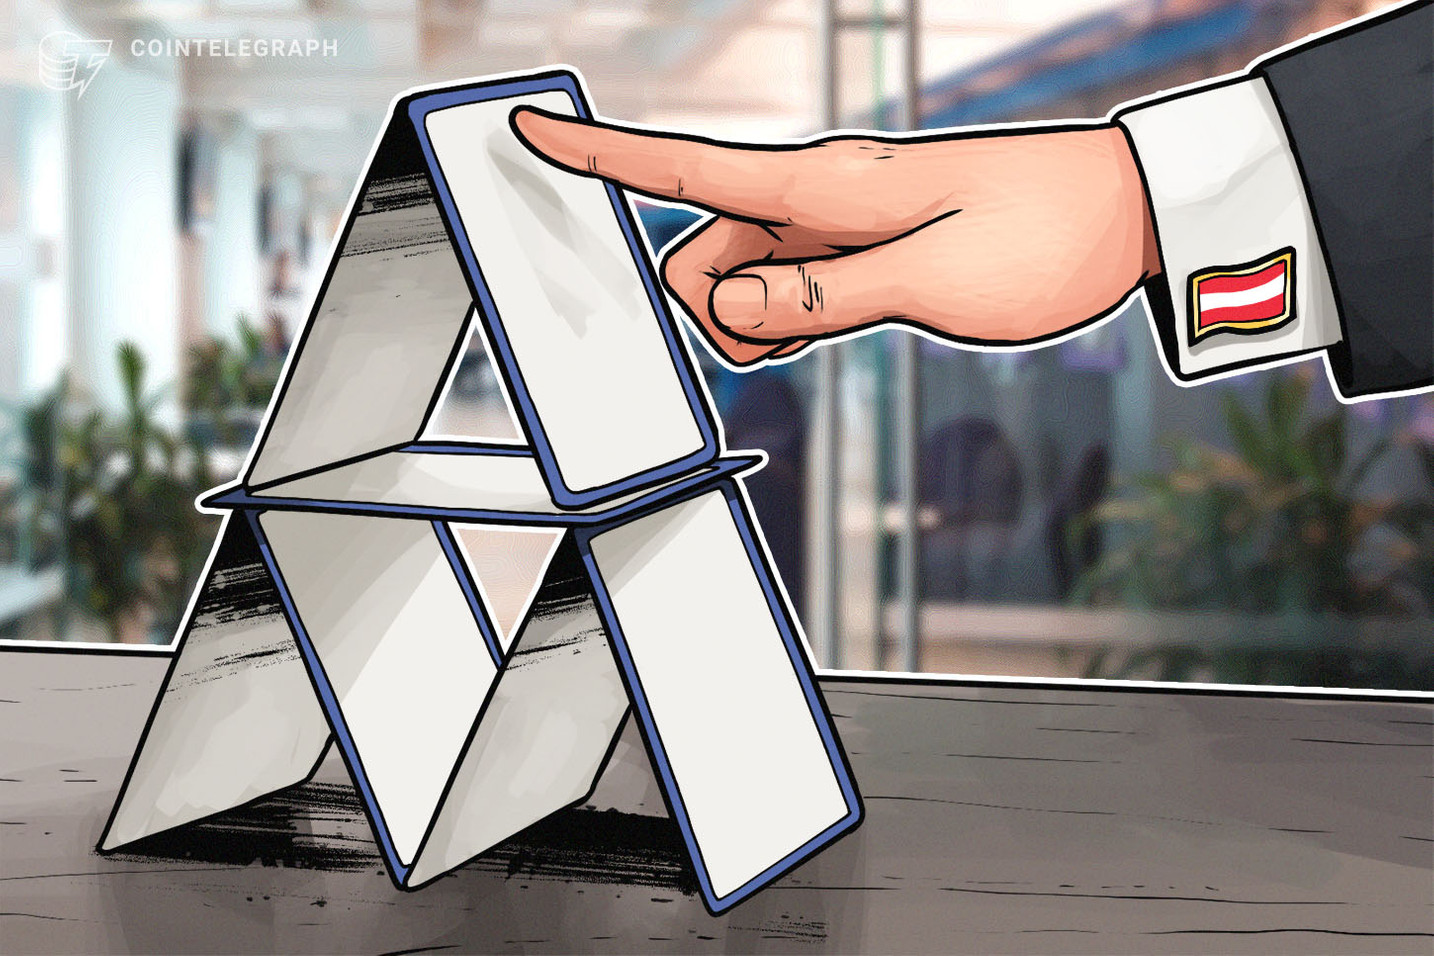 Österreichs Verbraucherschützer warnen vor Pyramidenspiel auf Future-Net